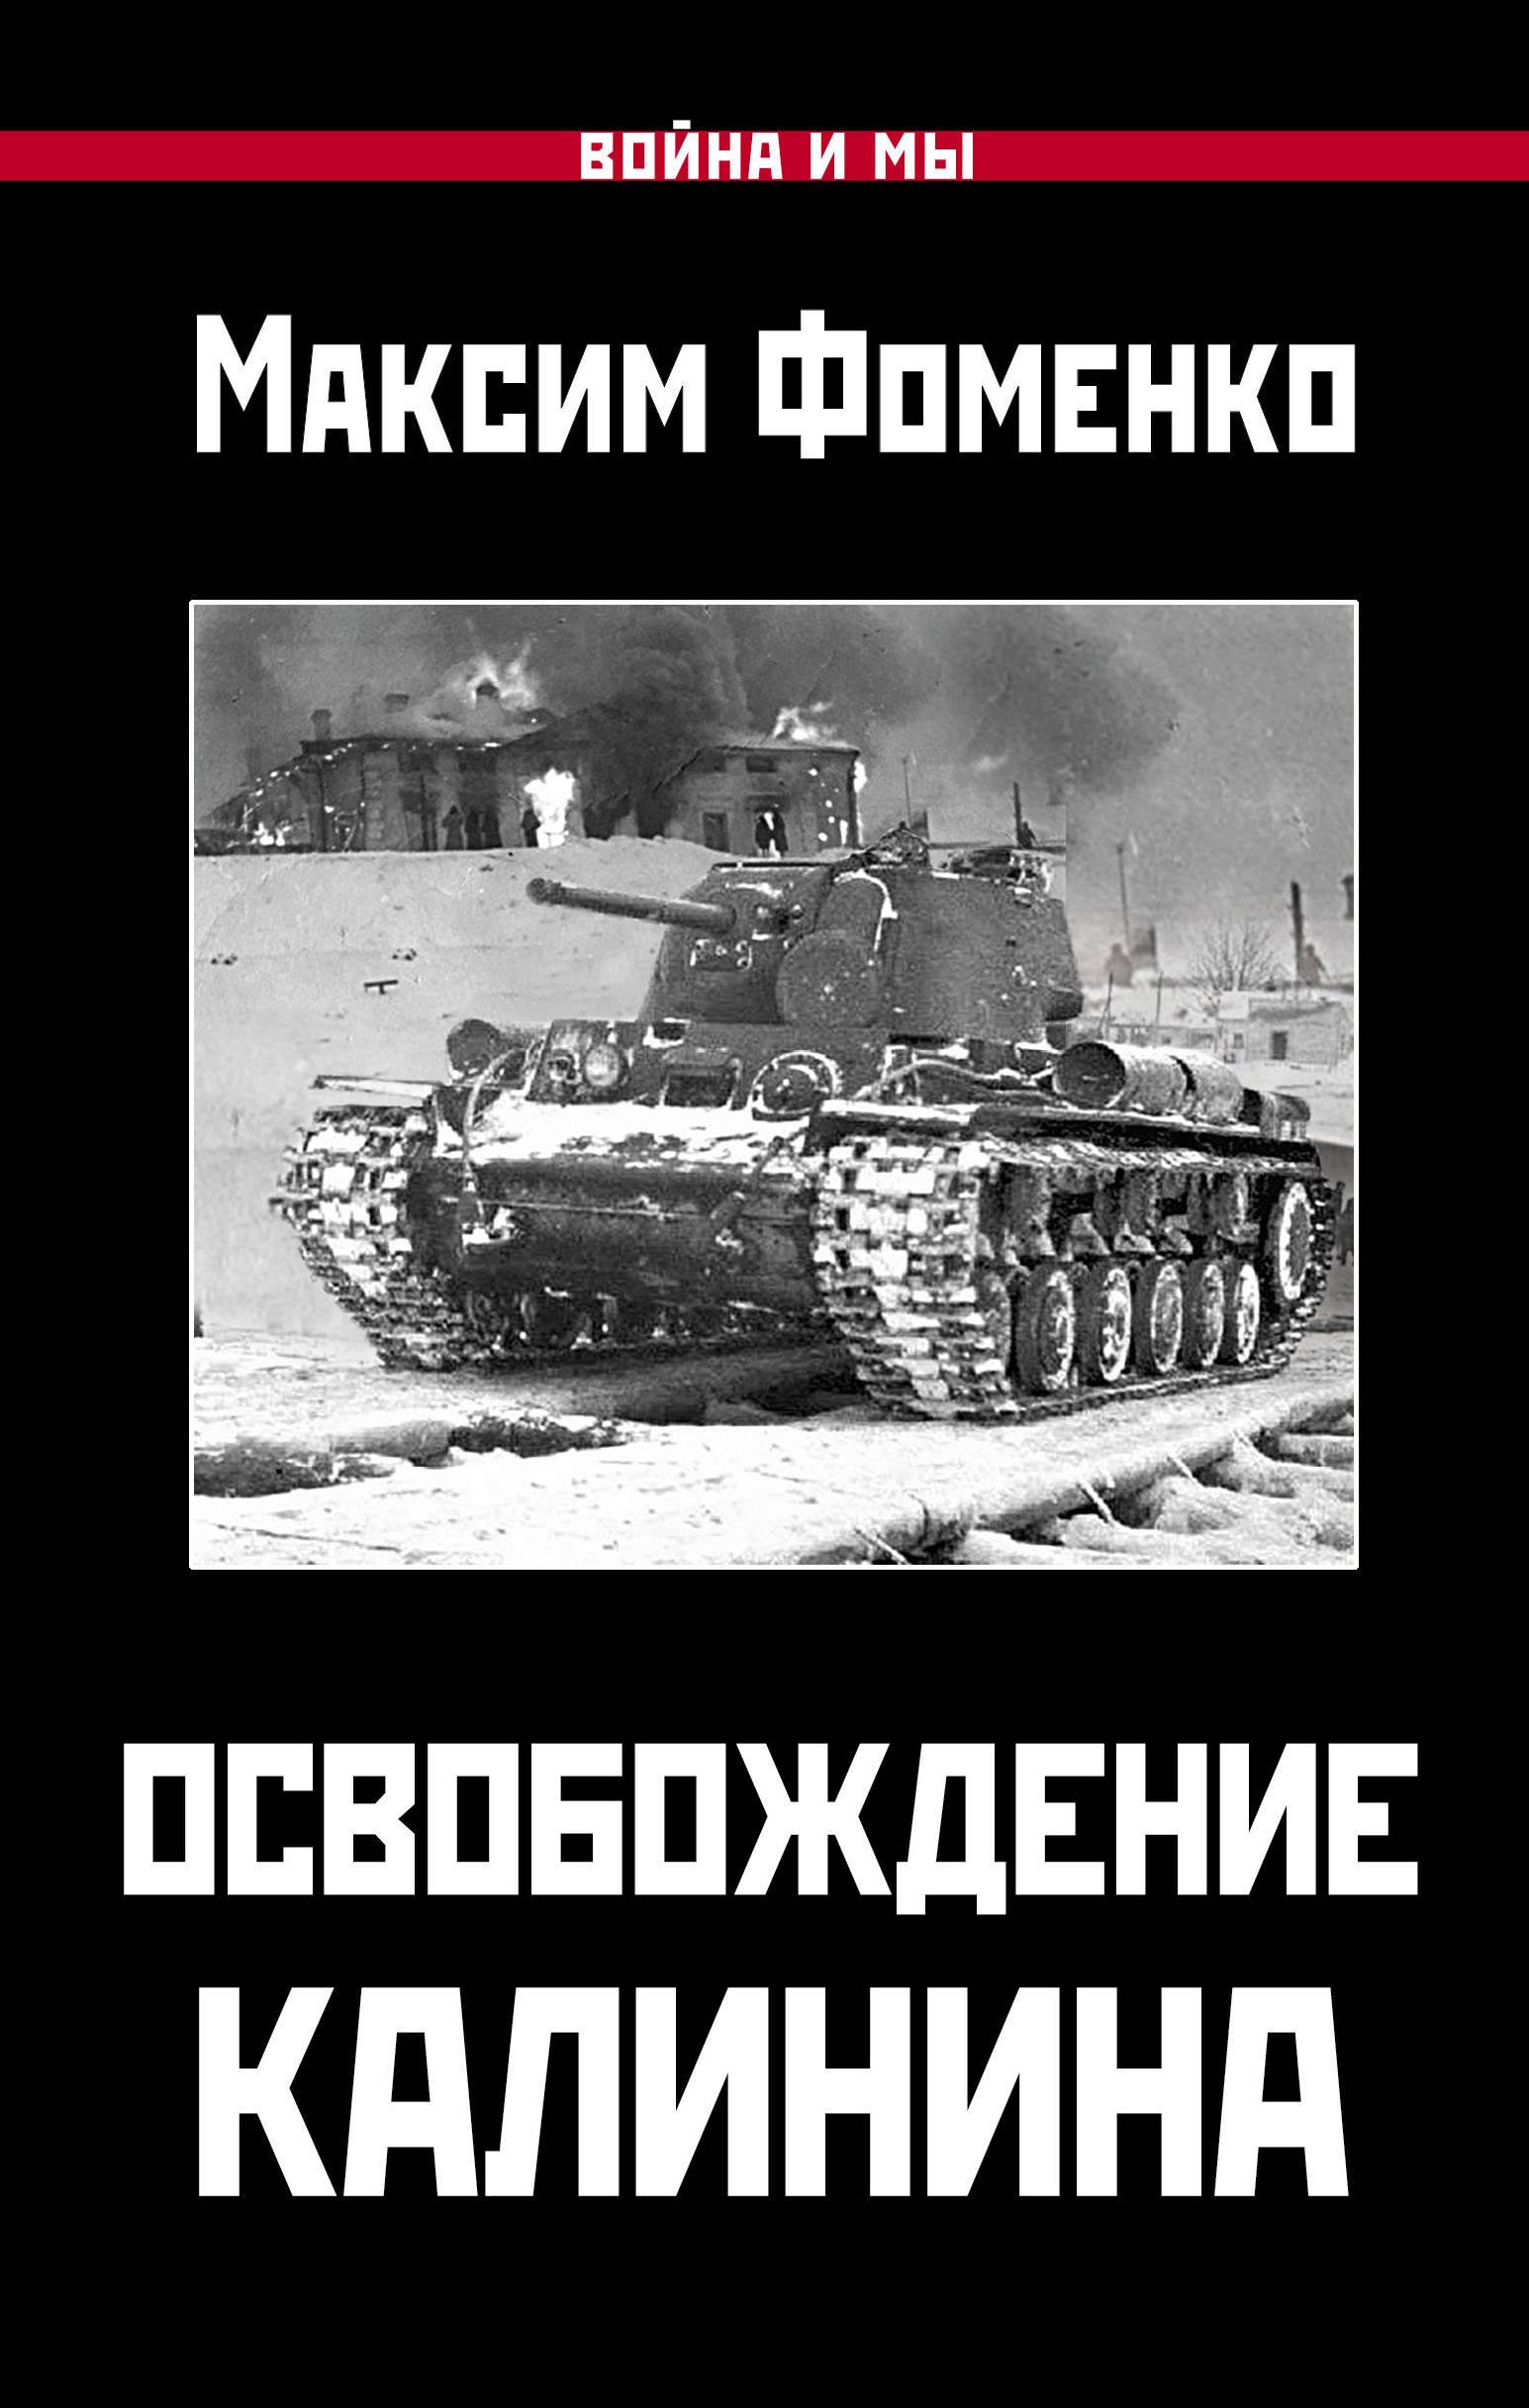 Osvobozhdenie Kalinina